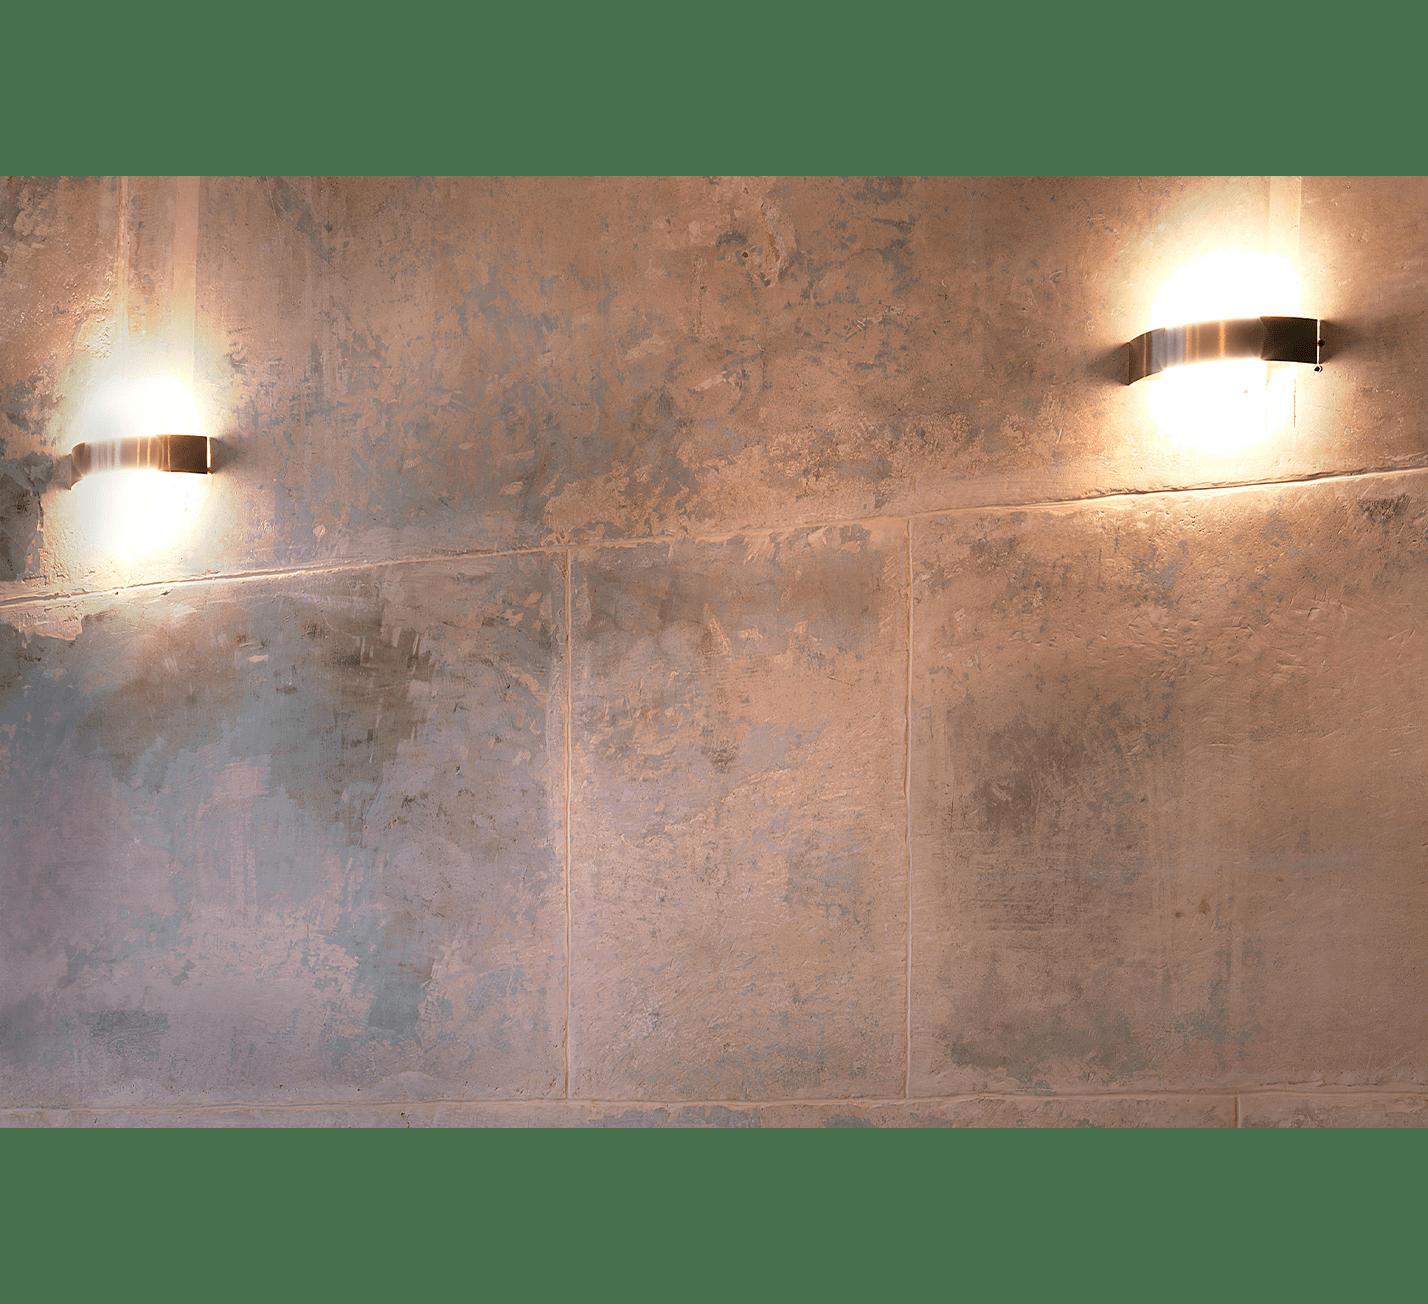 Projet-Natives-Atelier-Steve-Pauline-Borgia-Architecture-interieur-10-min-1